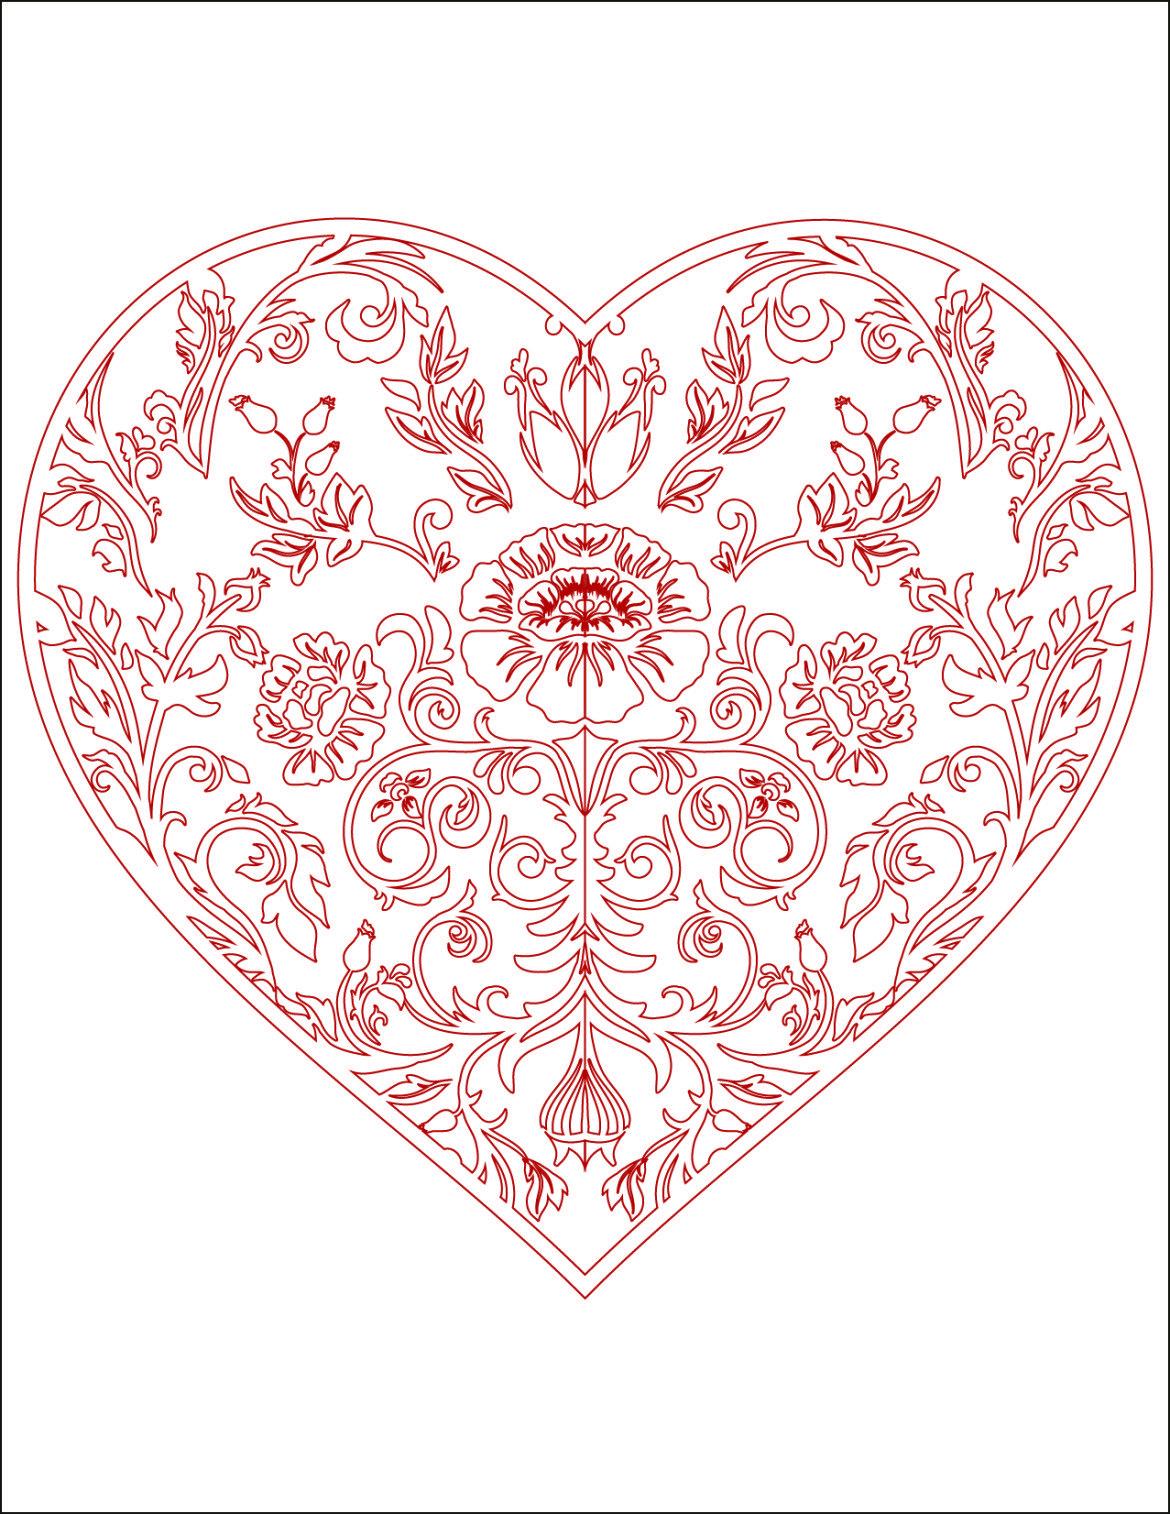 Coloriage Adulte A Imprimer Amour.Image De Bonjour D Amour Coloriage Coeur A Imprimer